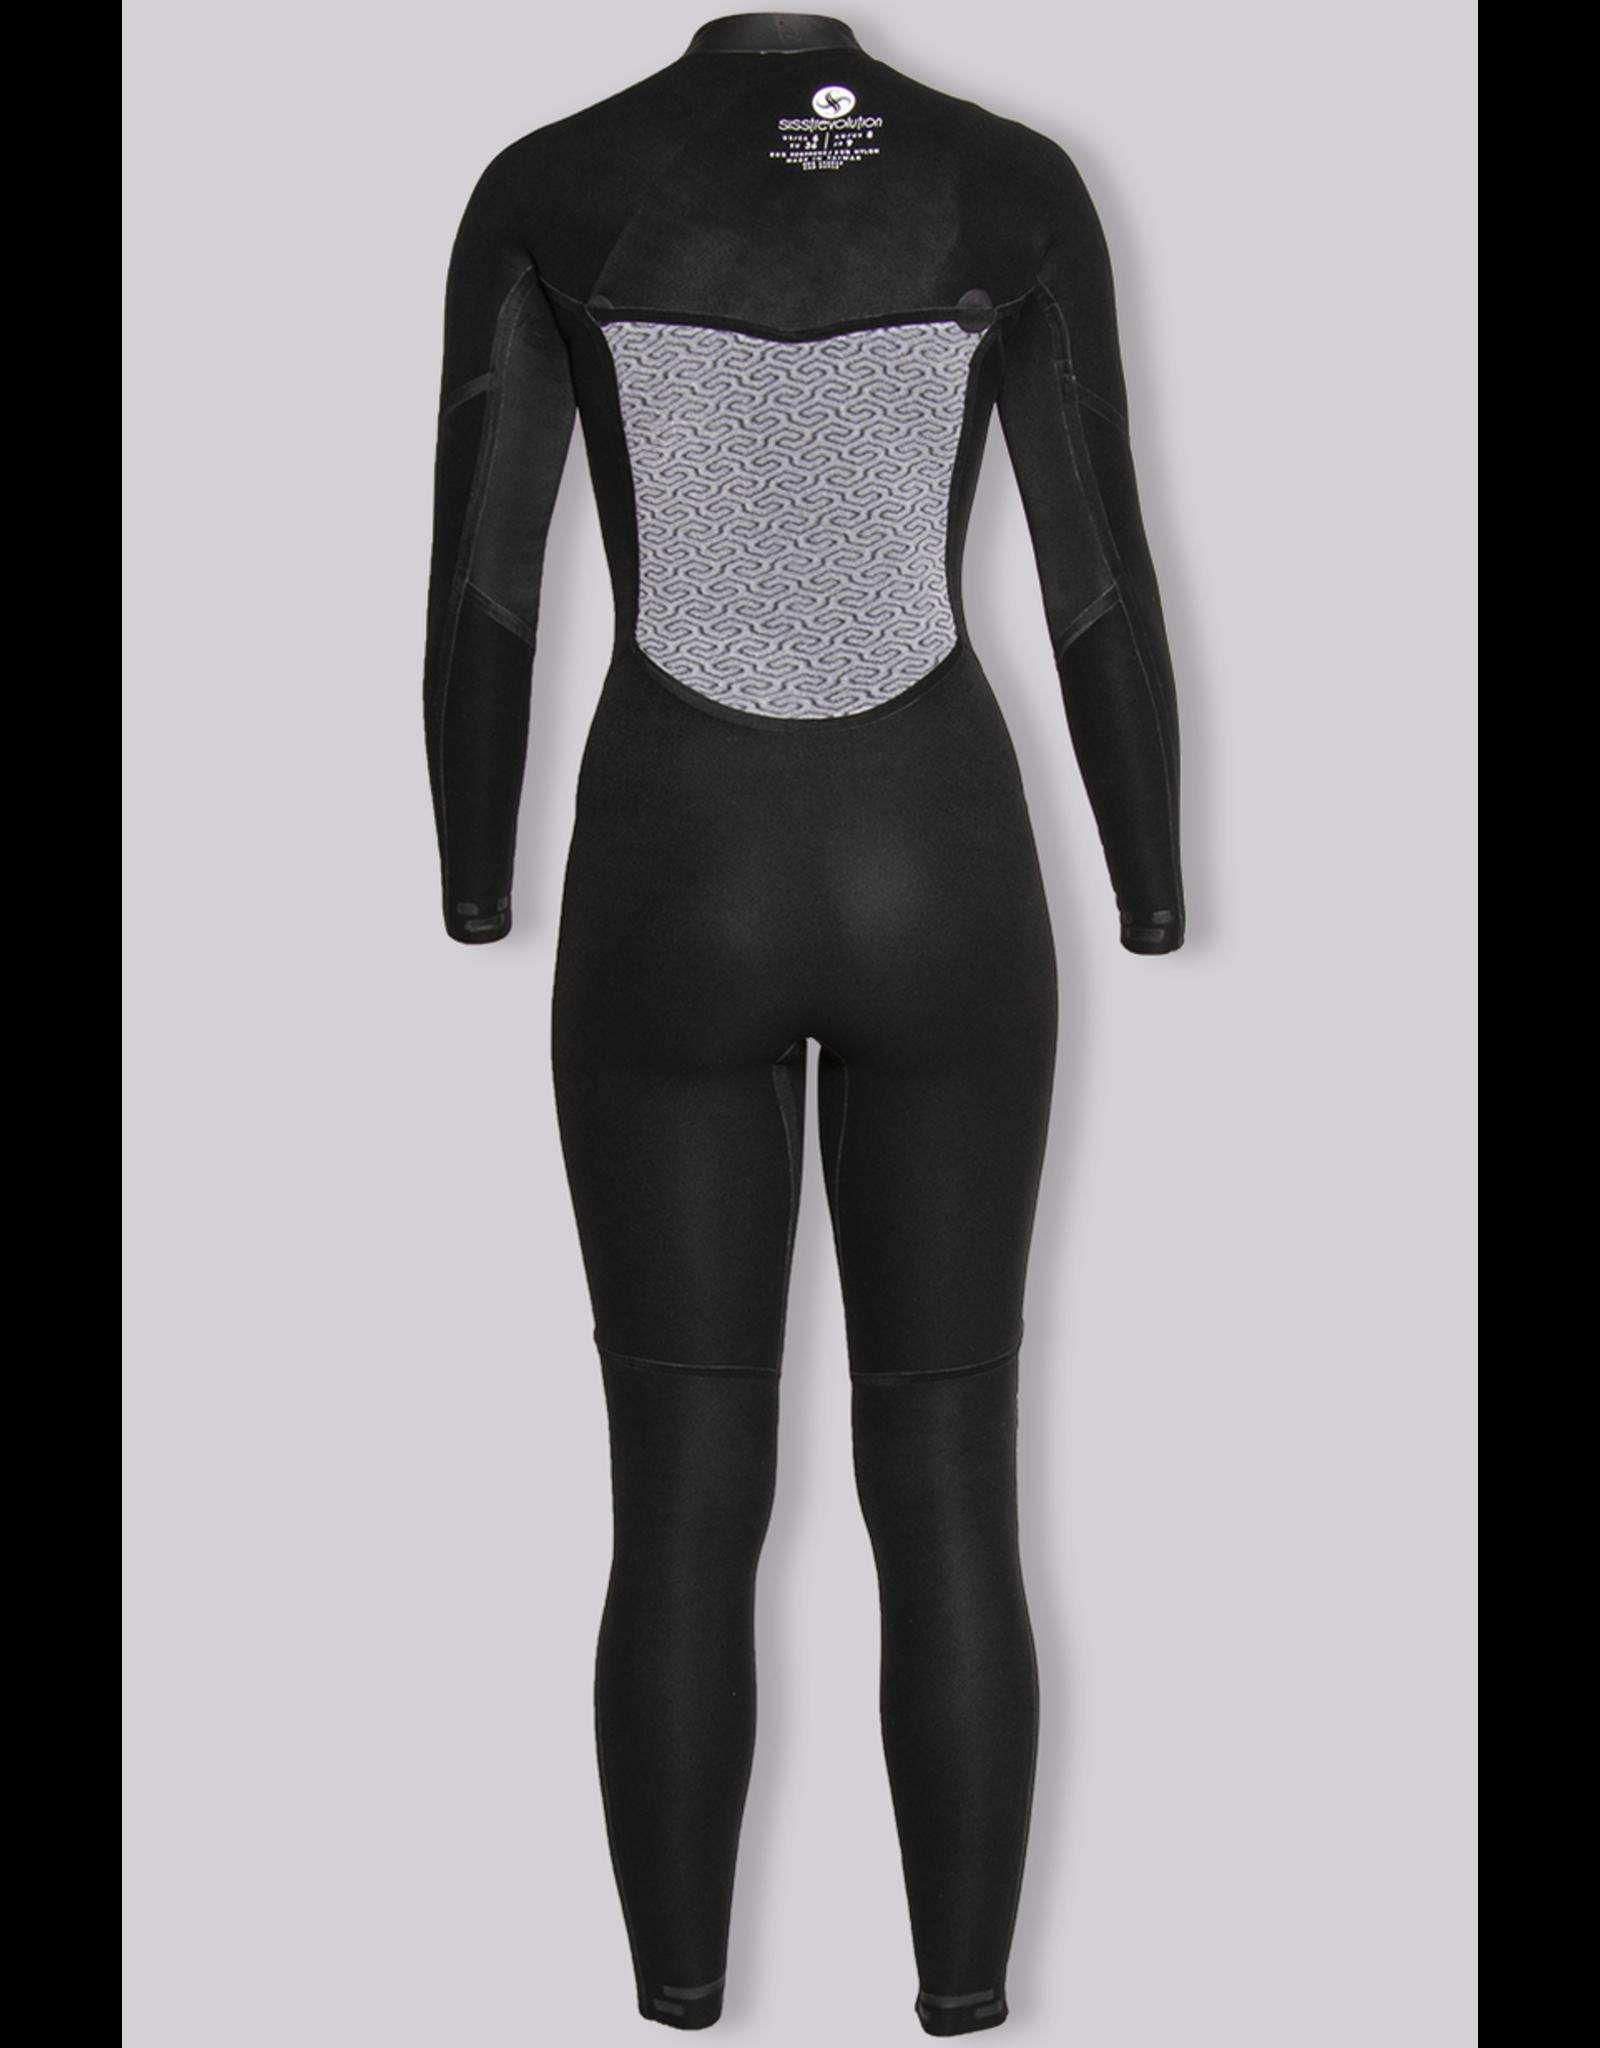 SISSTR Sisstr 7 Seas 3/2 chest zip women's wetsuit